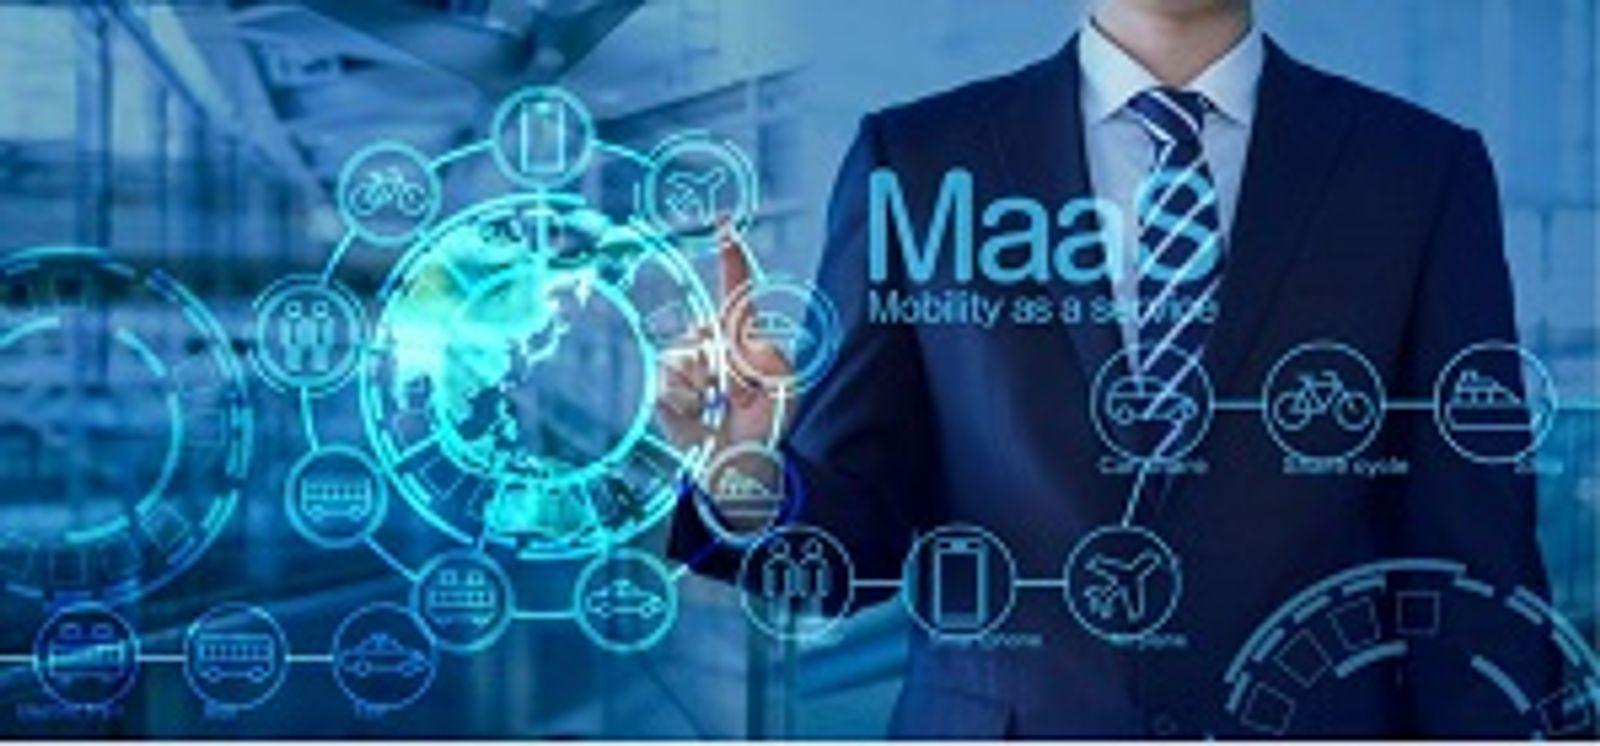 Le MaaS - outil essentiel à l'intermodalité et la multimodalité